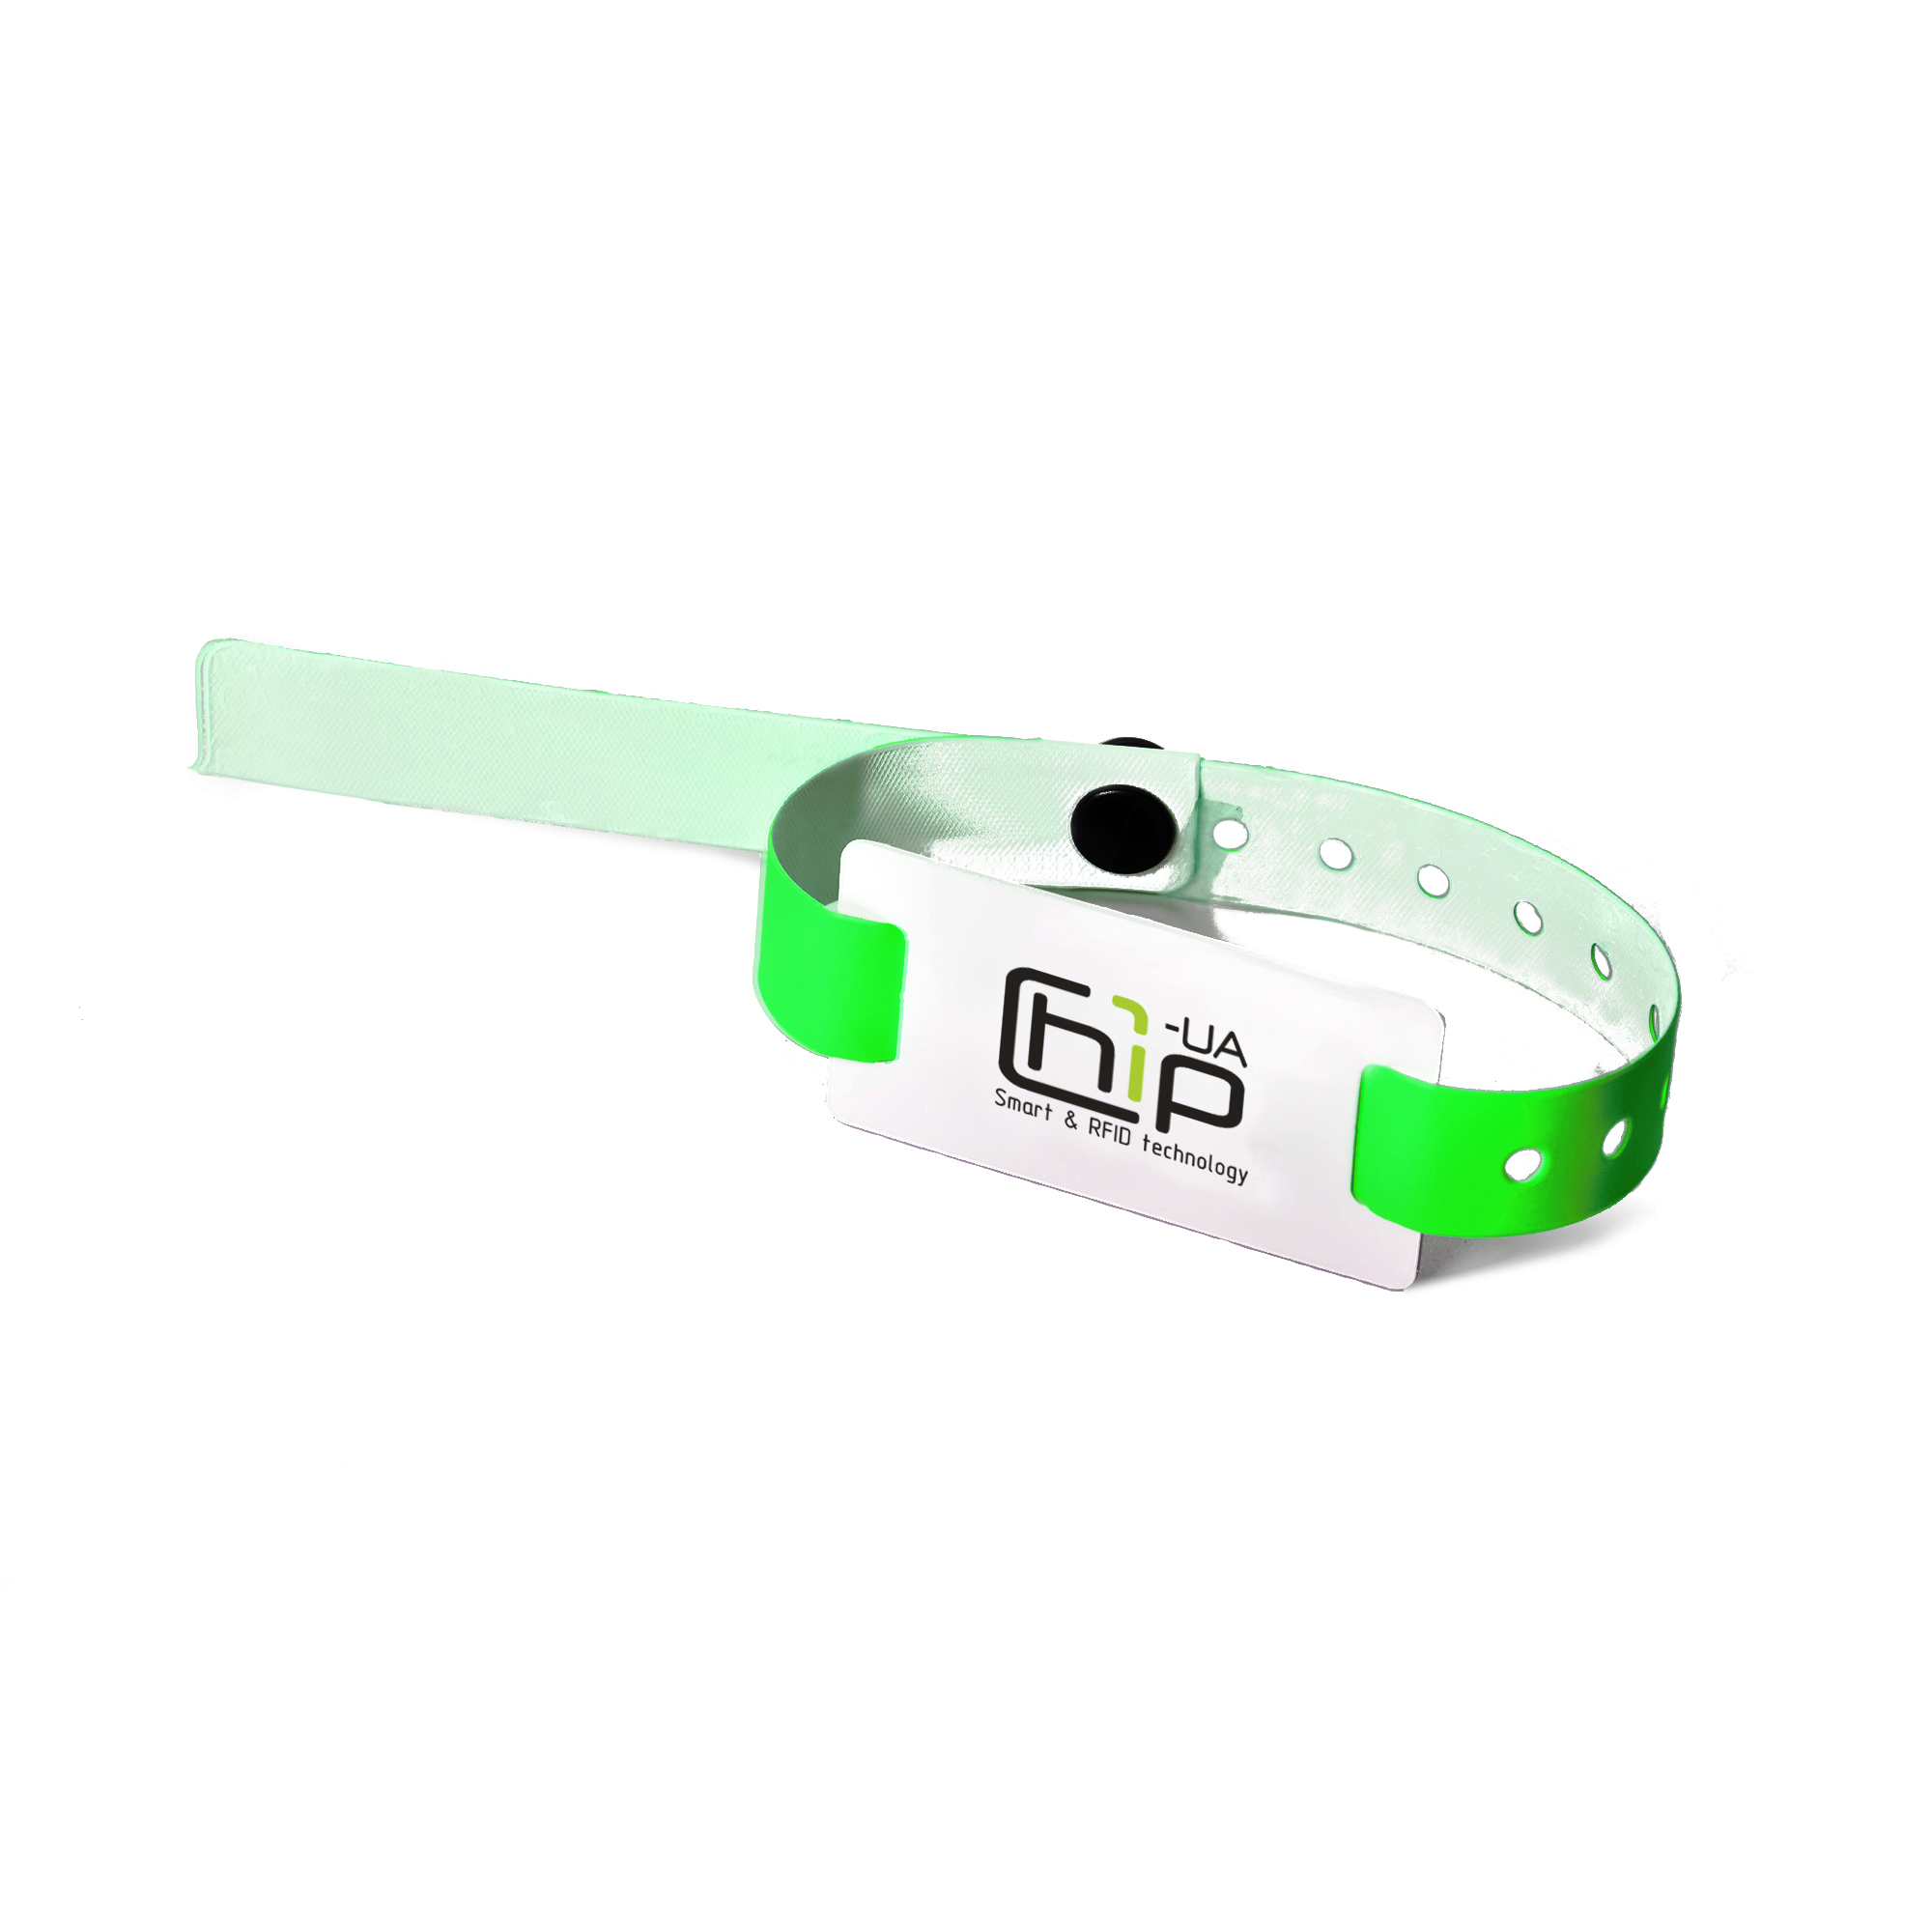 Chip-UA | Синий бесконтактный RFID–браслет с полноцветной печатью на силиконовом ремешке с застежкой с чипом Atmel (Temic) T5557, T5577